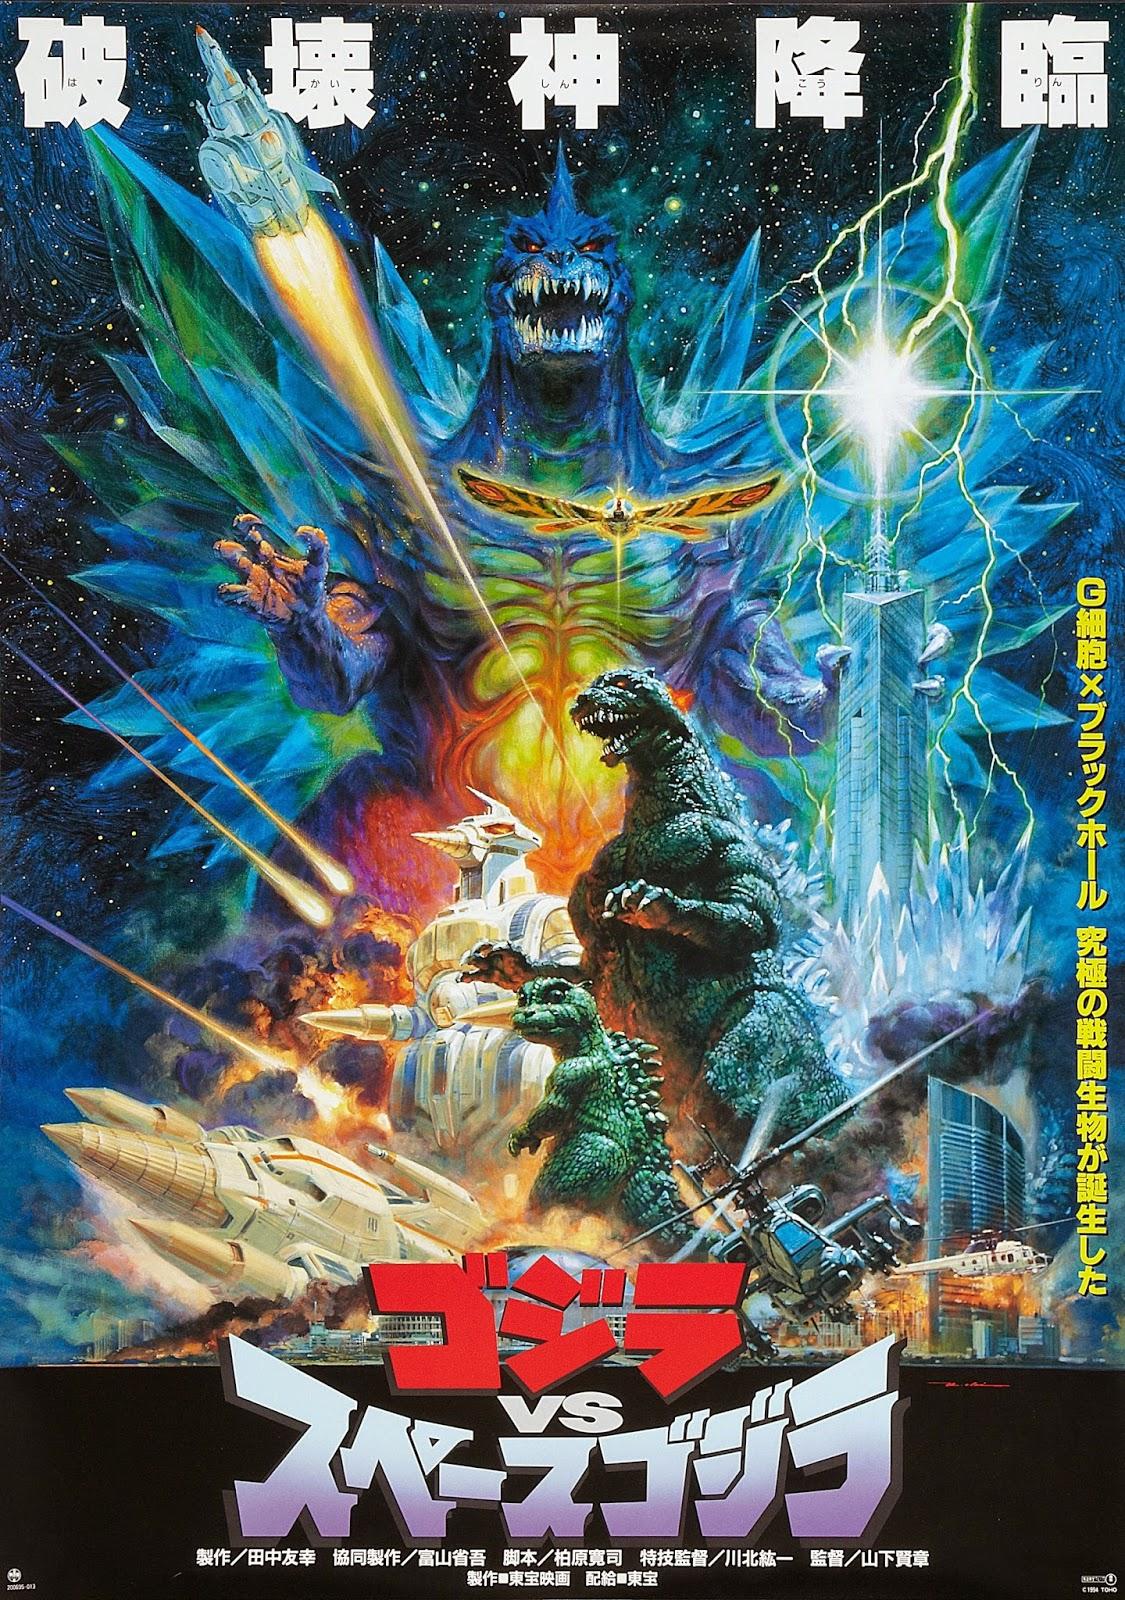 http://fr.wikipedia.org/wiki/Godzilla_vs_Space_Godzilla